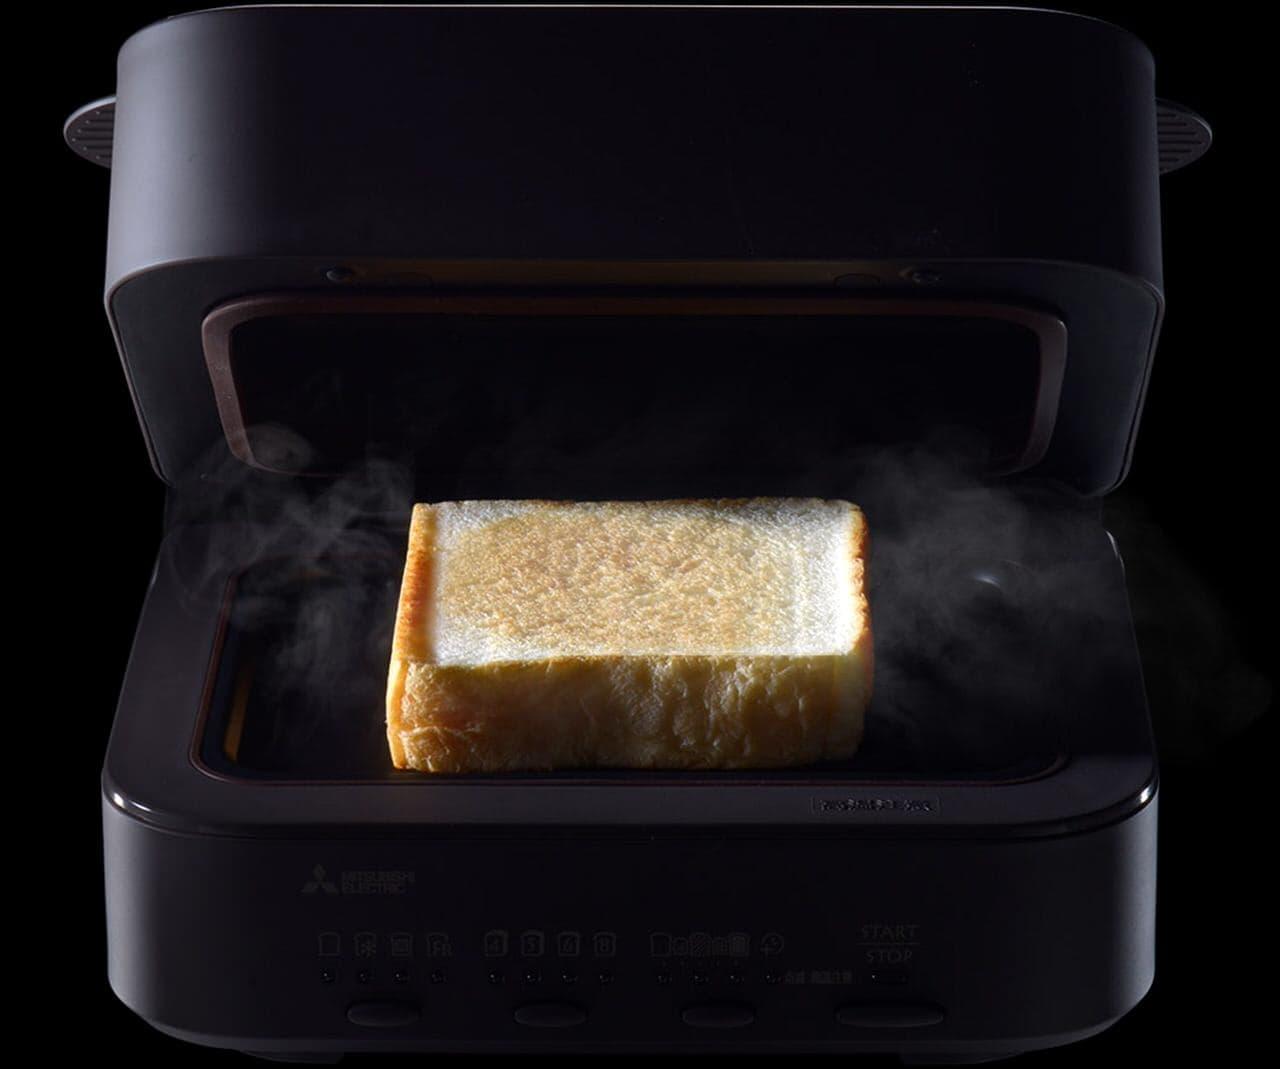 三菱ブレッドオーブン